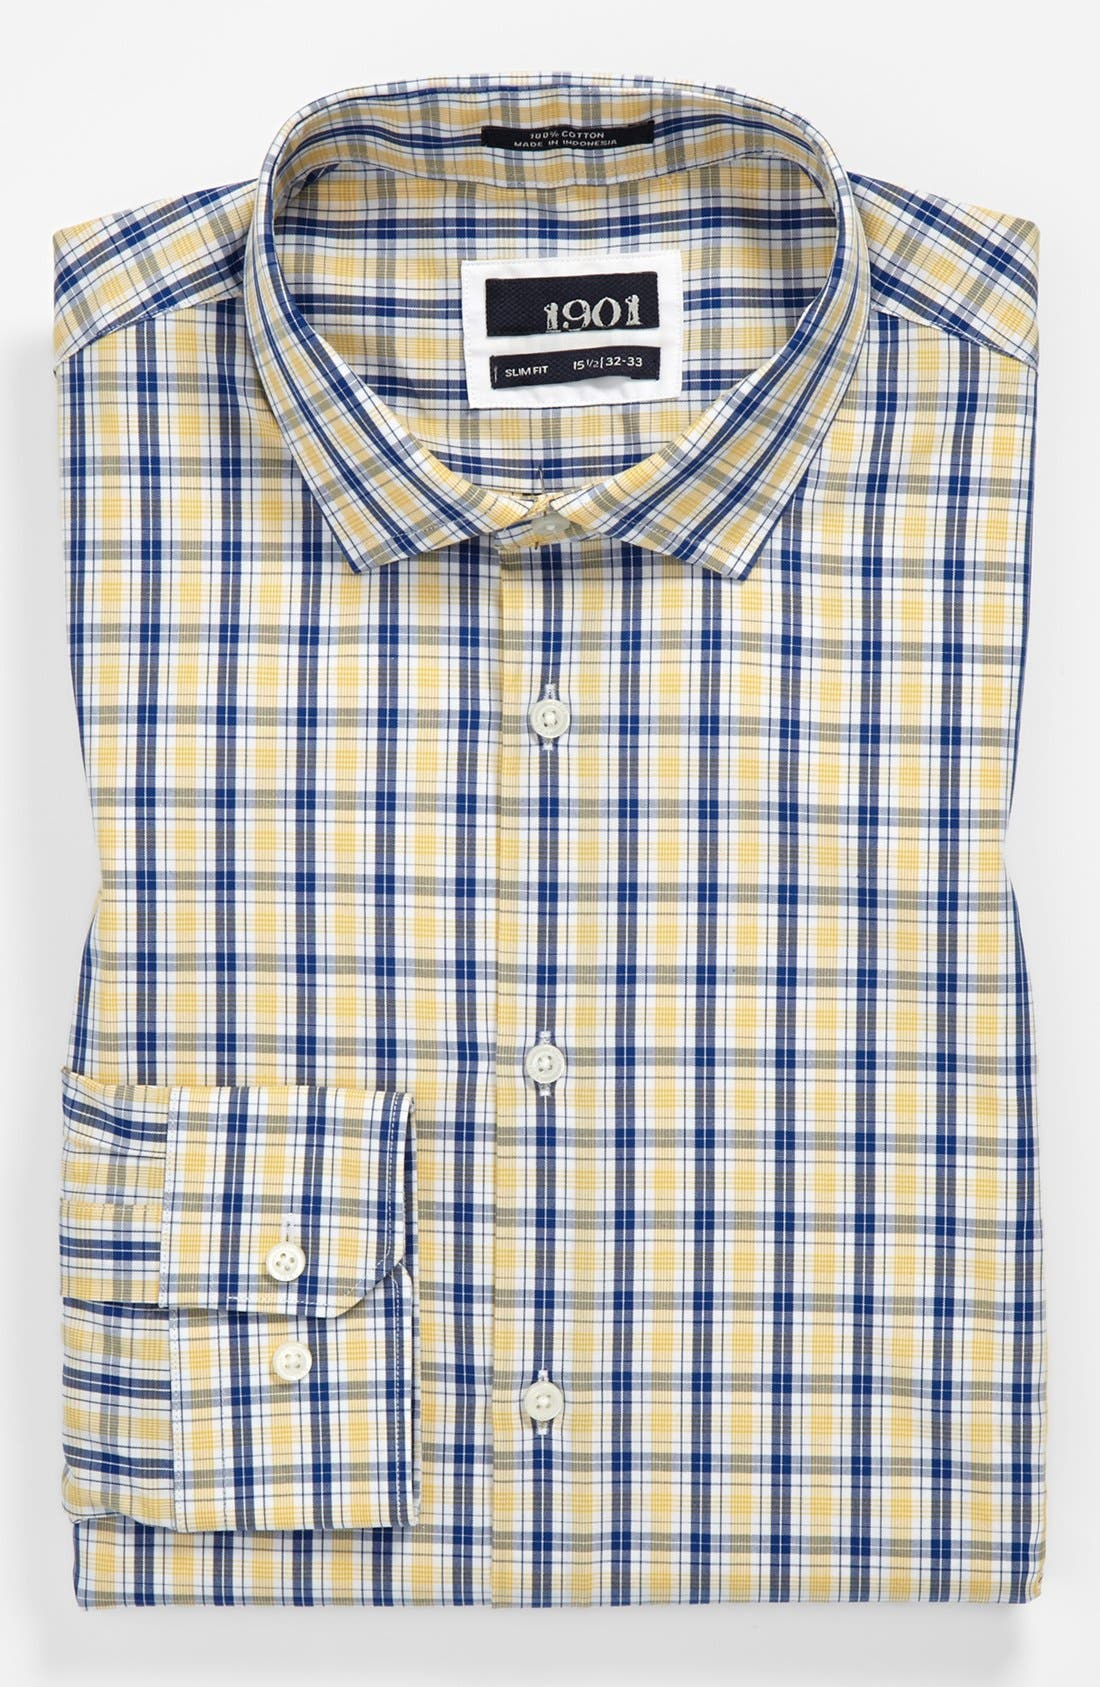 Main Image - 1901 Slim Fit Plaid Dress Shirt